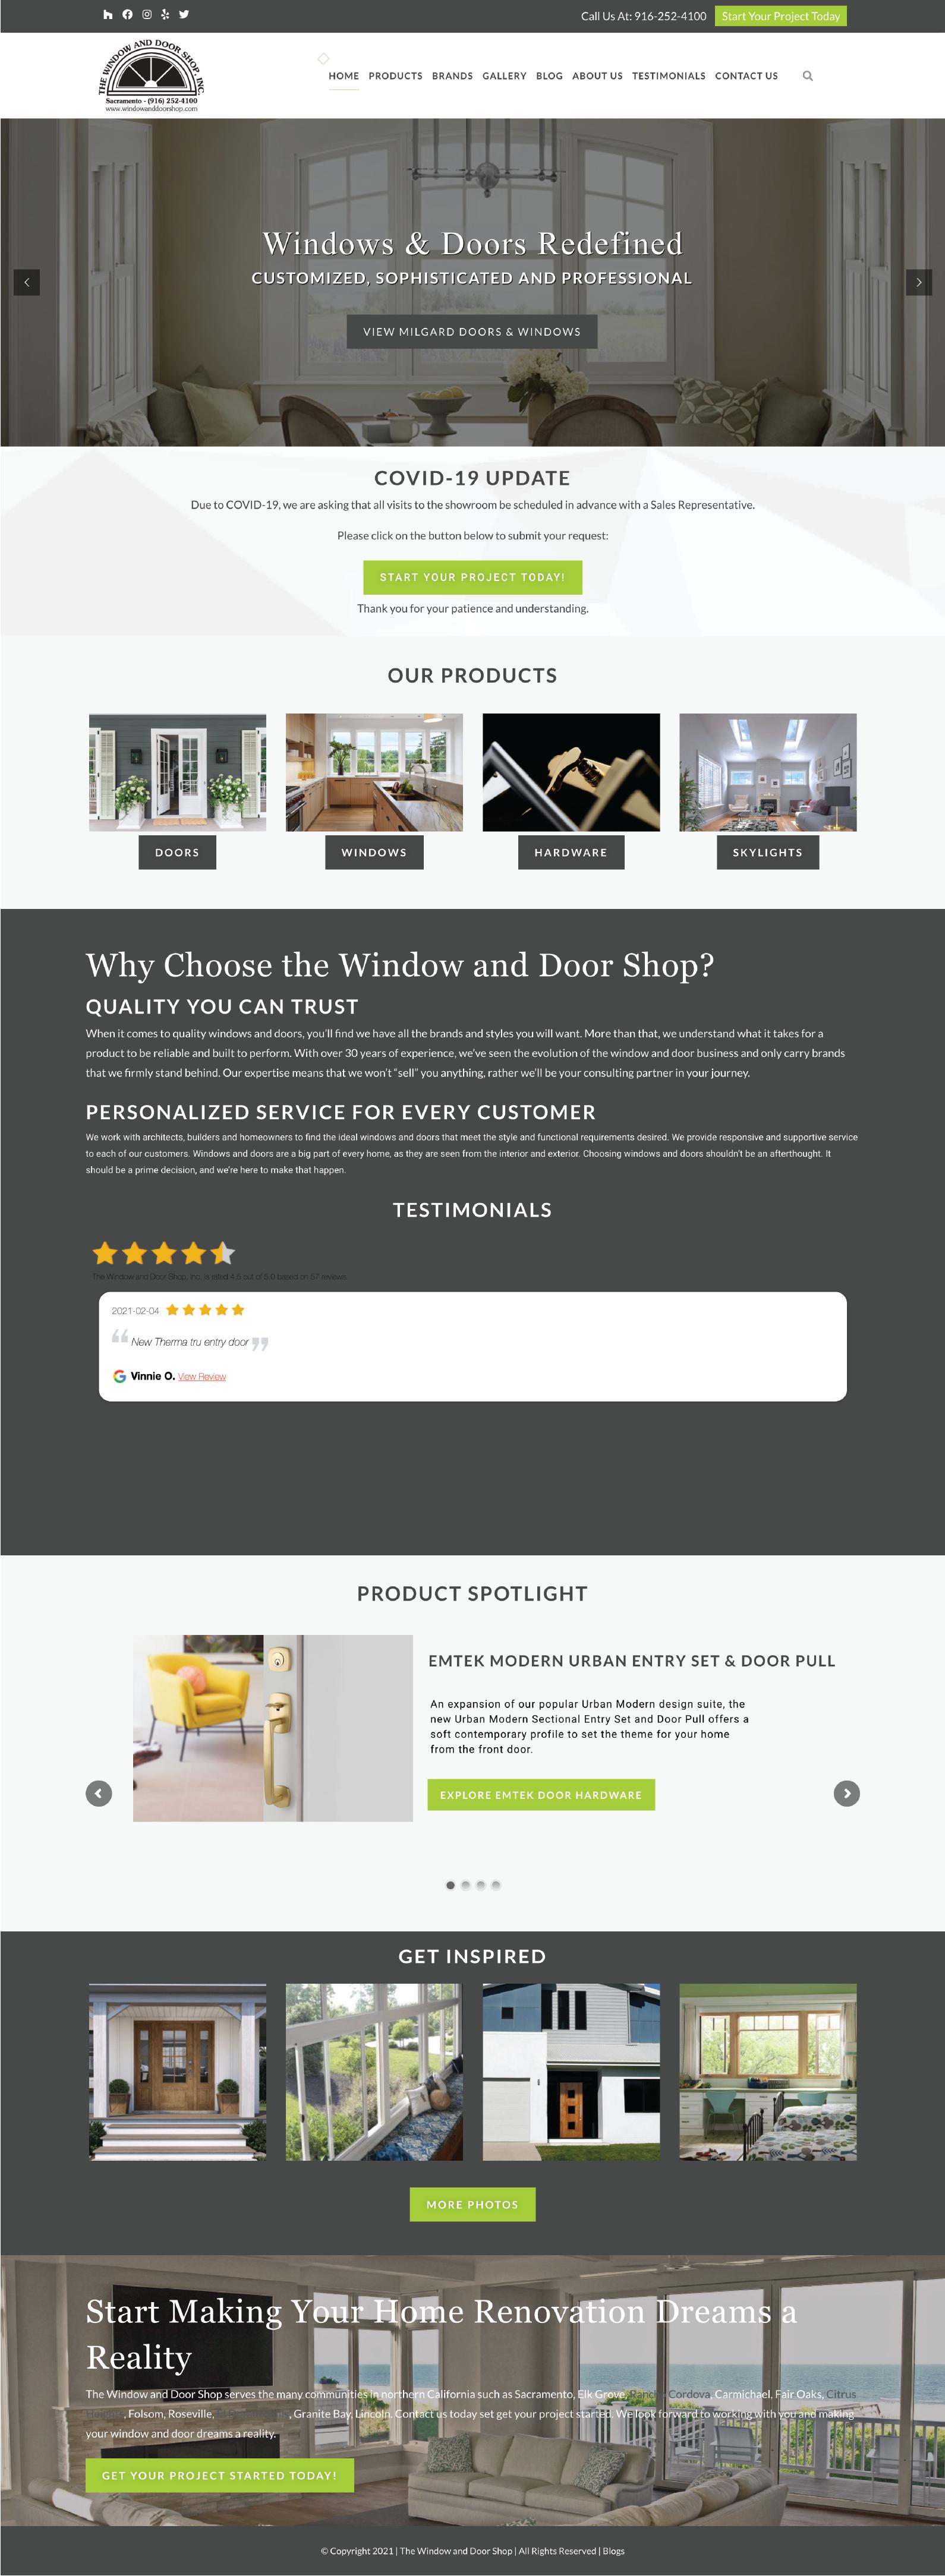 Windows and Doors Contractor Website Design inspiration